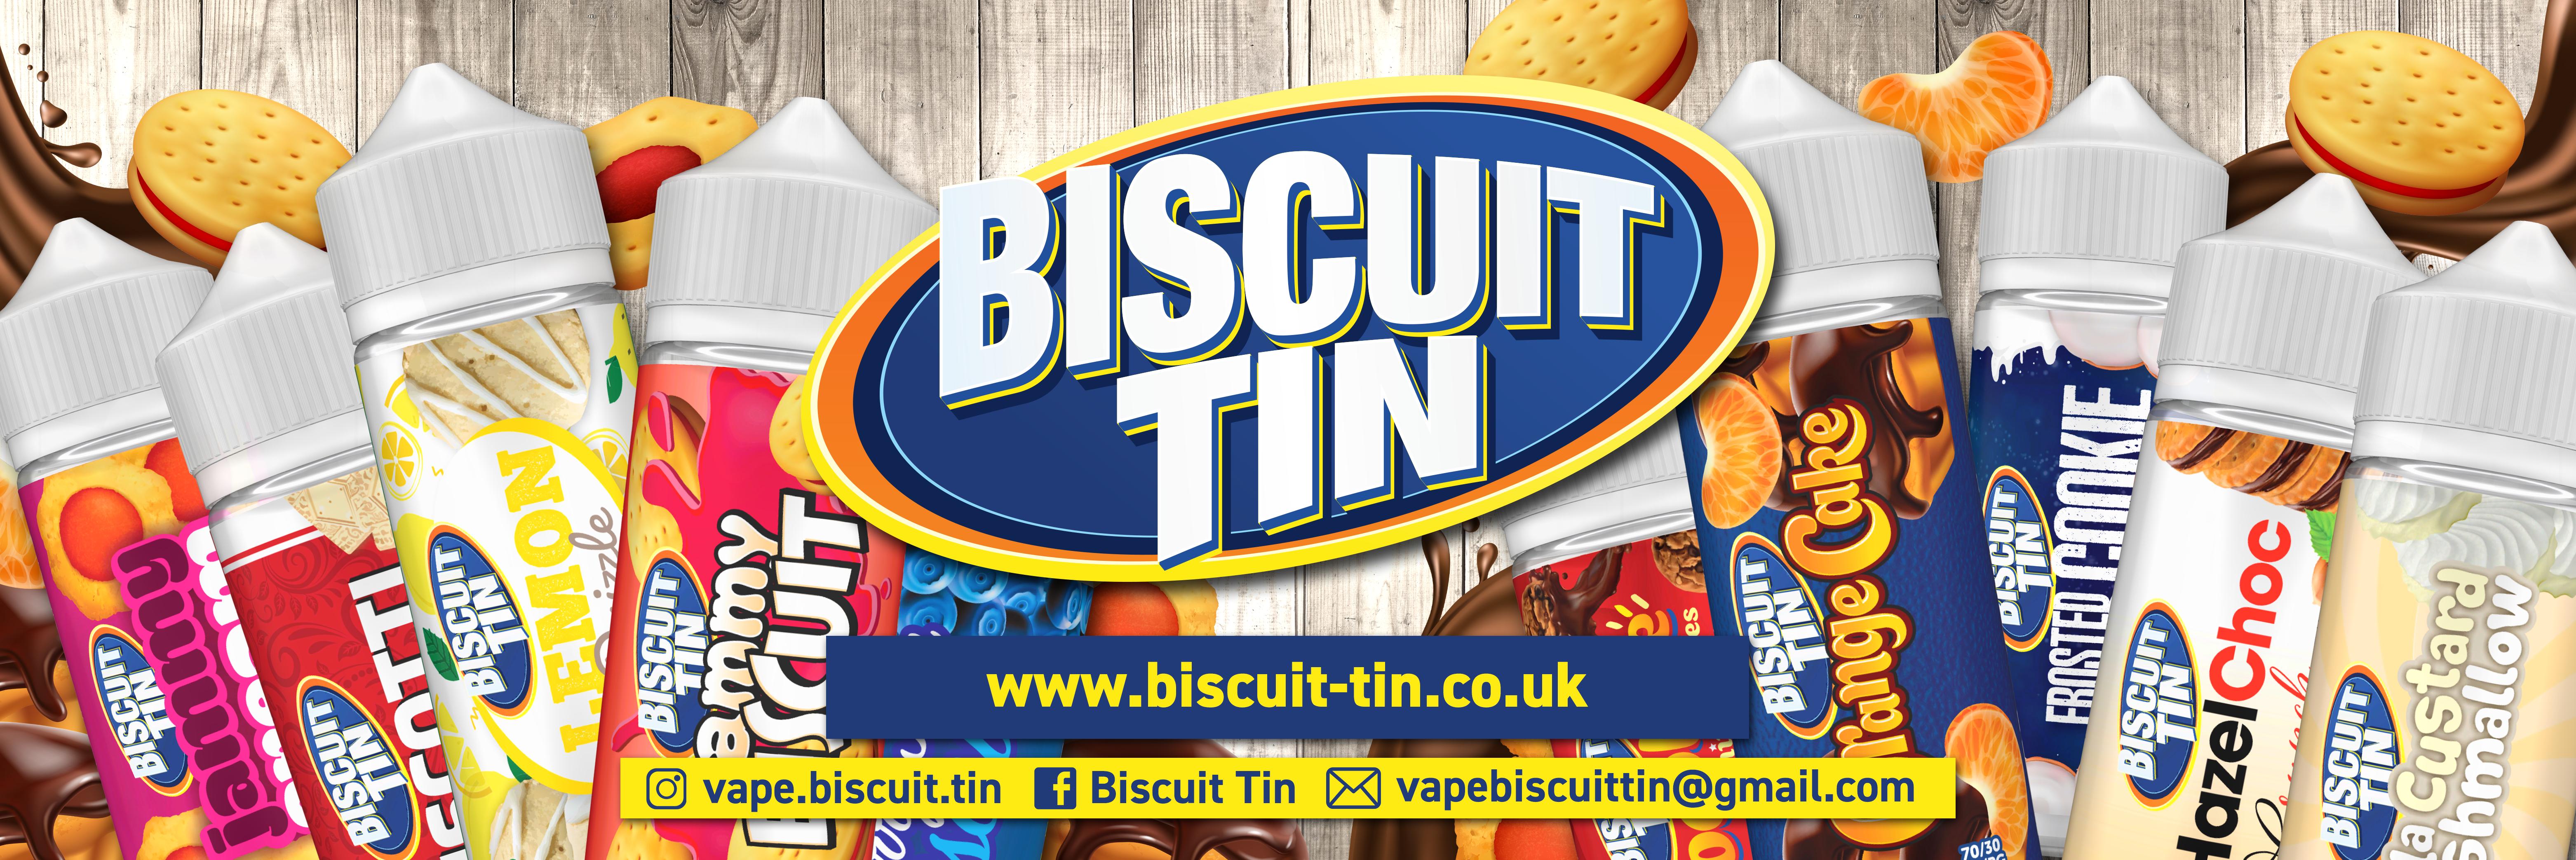 Biscuit Tin E-liquid